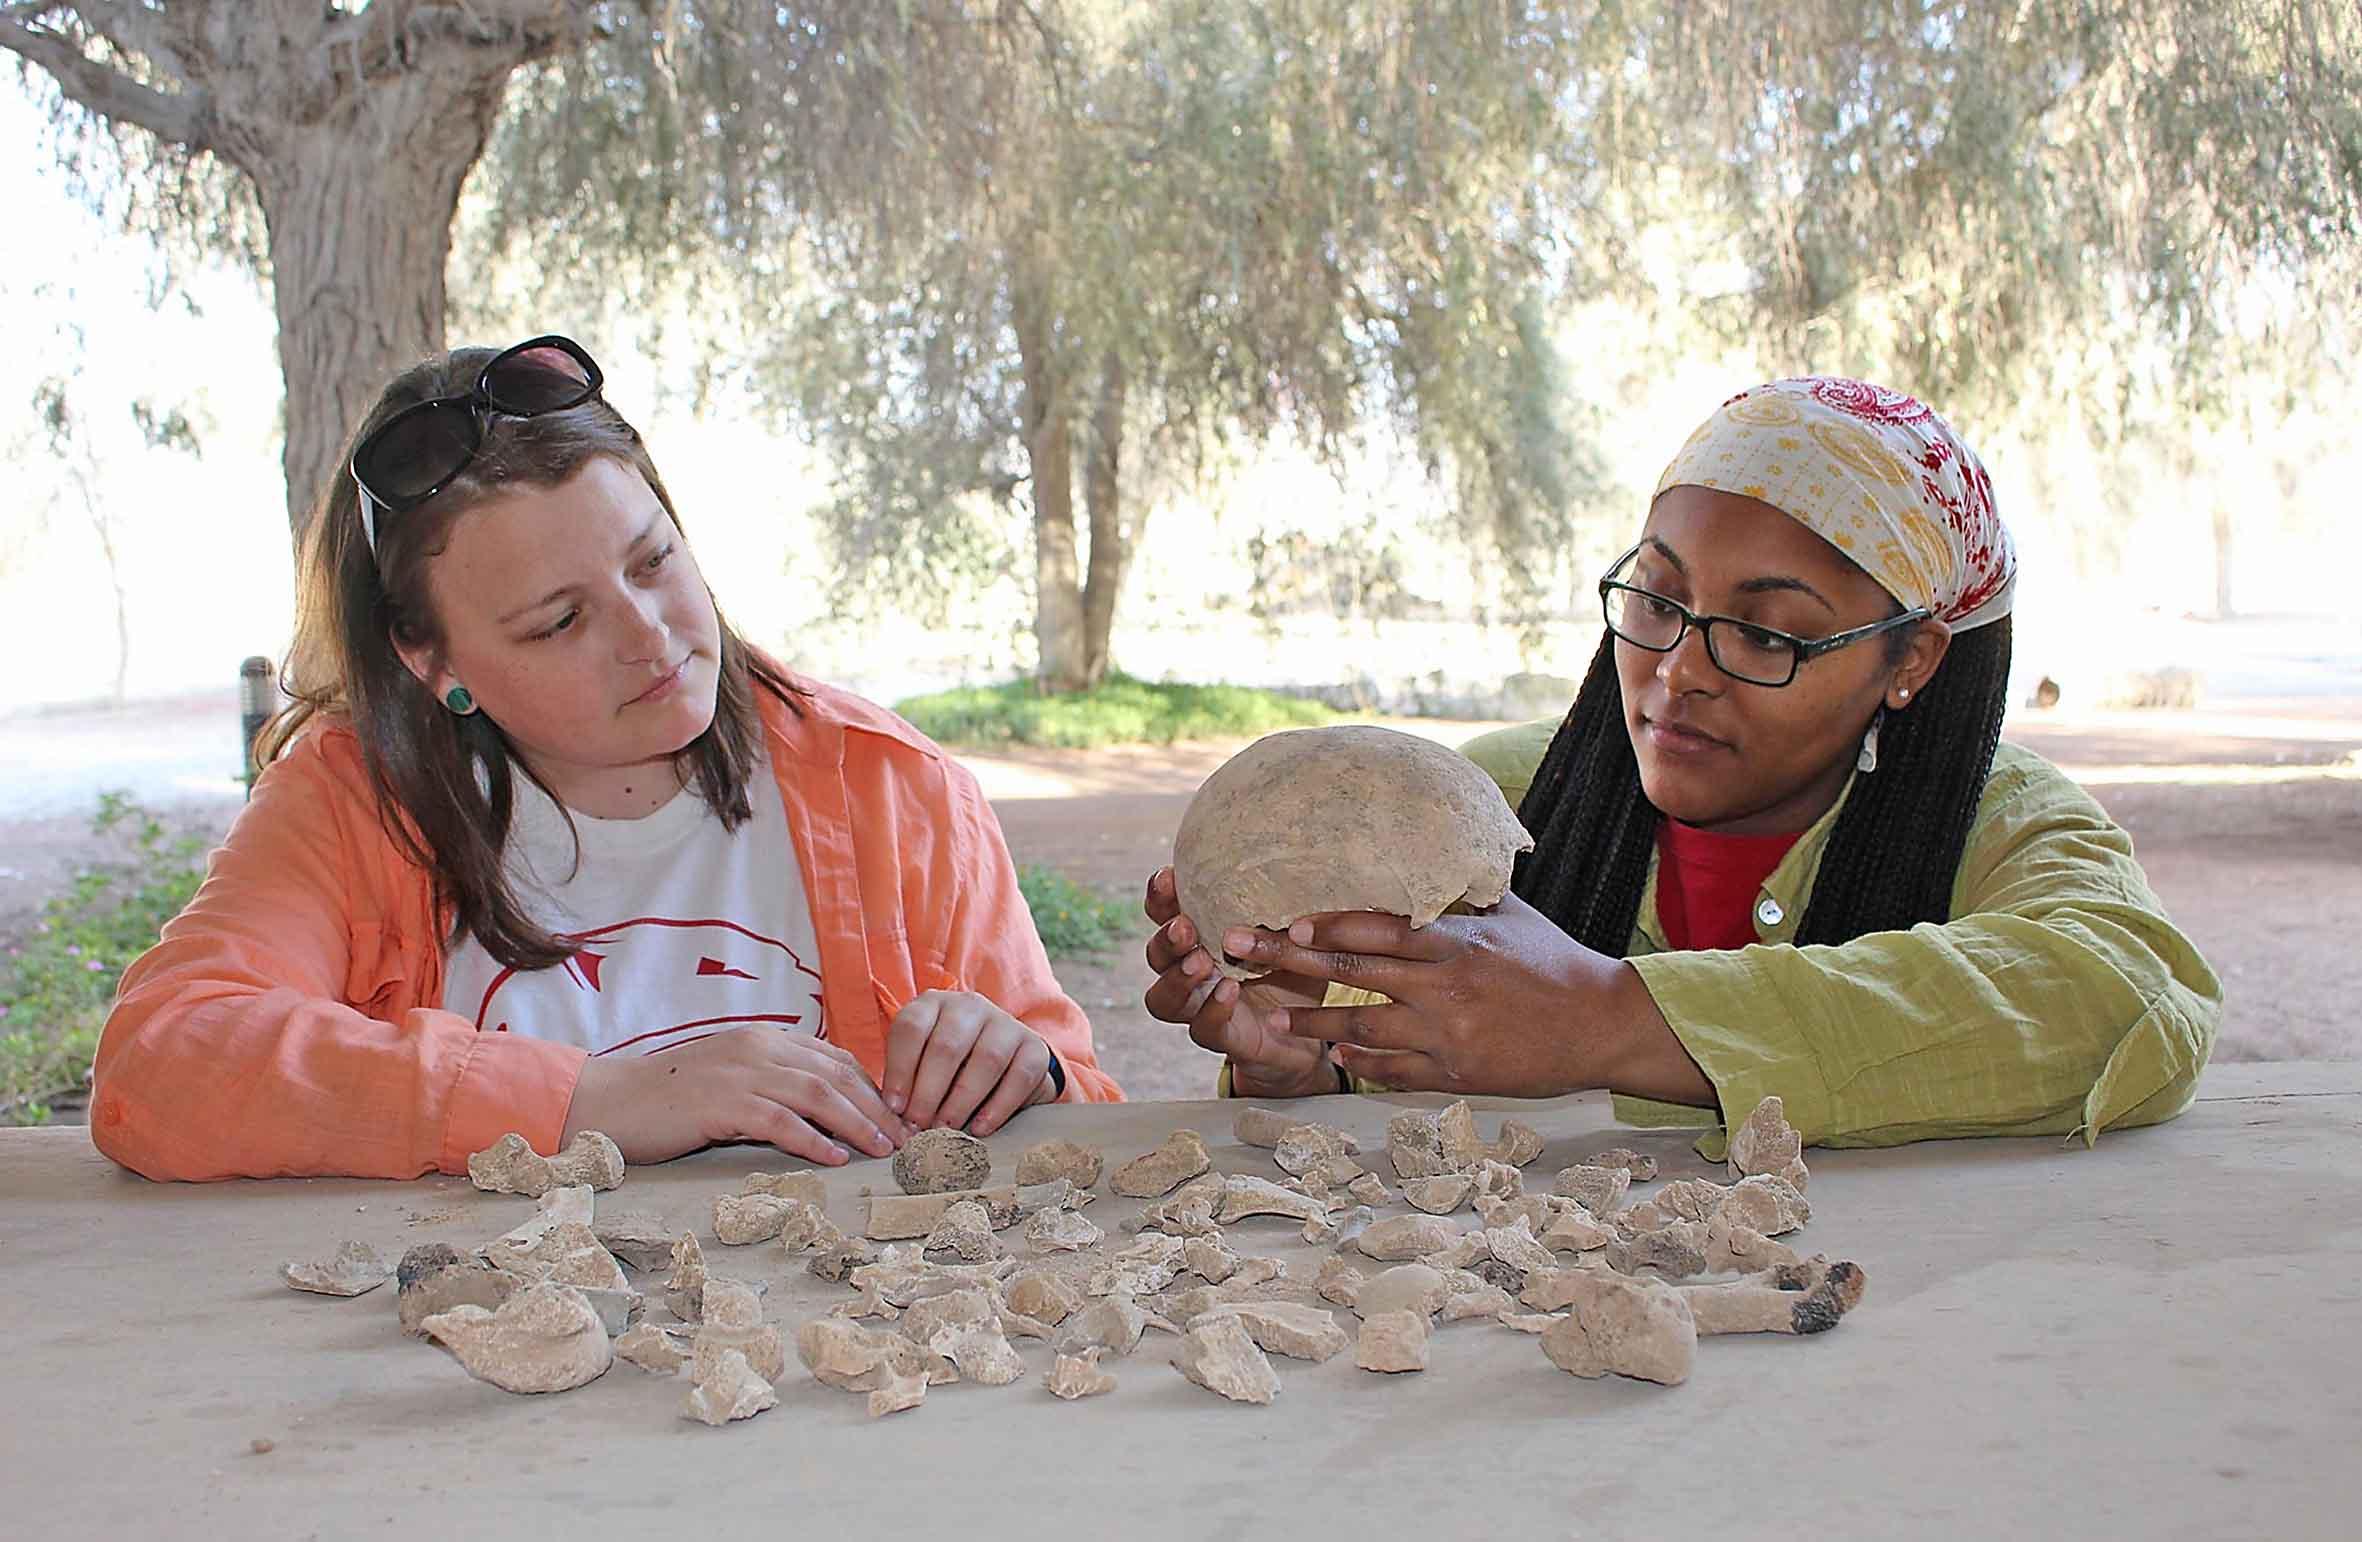 دائرة الآثار والمتاحف برأس الخيمة تكشف عن مشروع بحثي لدراسة عظام بشرية أثرية